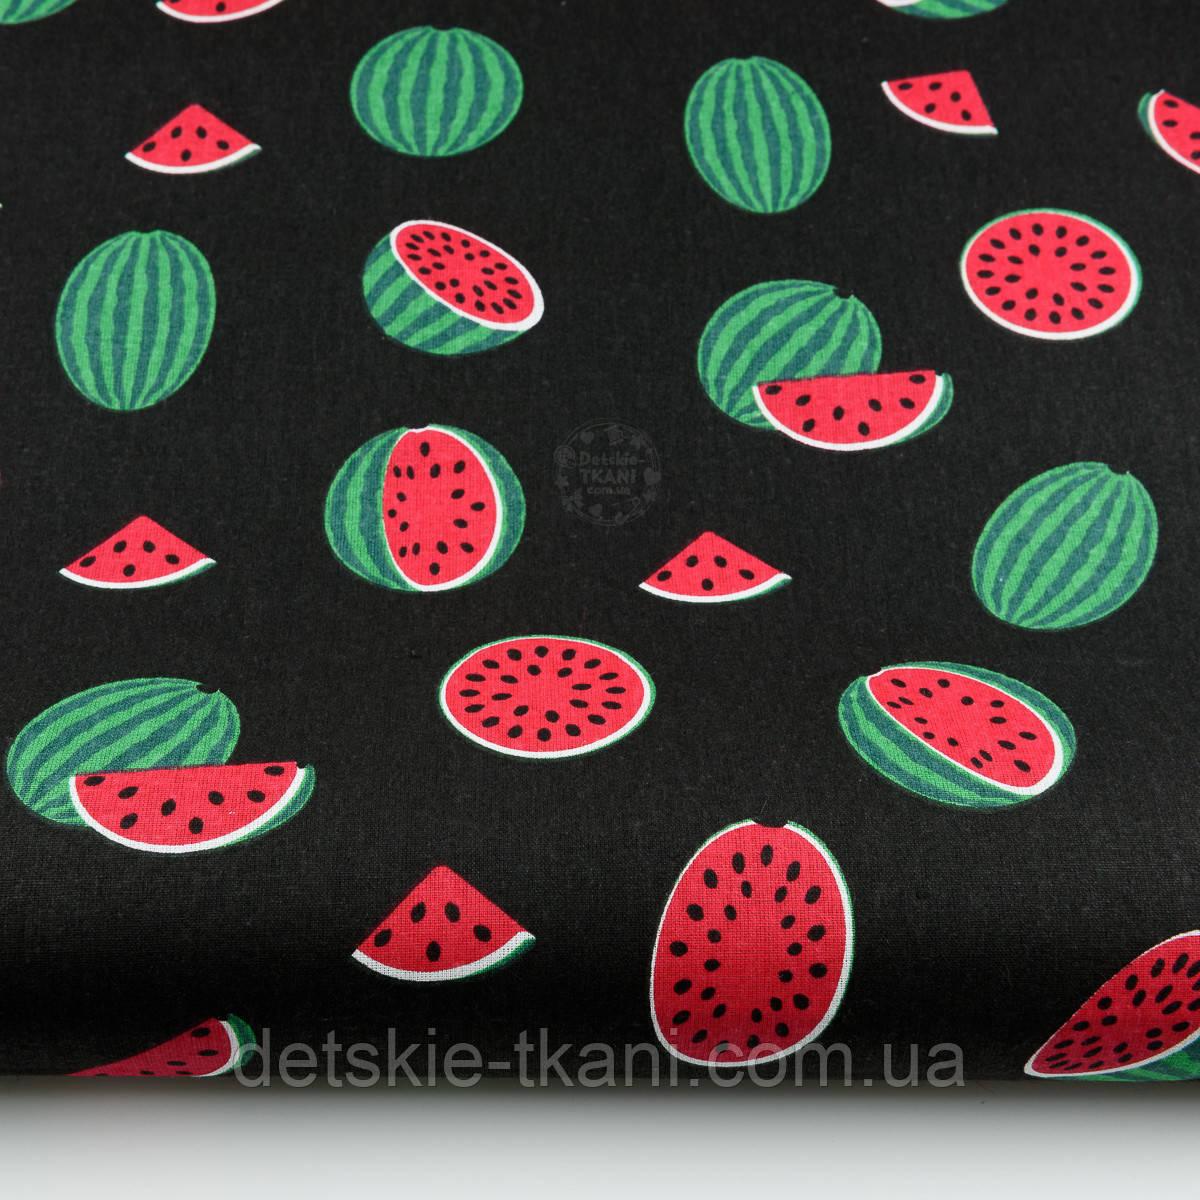 """Ткань хлопковая """"Маленькие арбузы"""" размером 5 см на чёрном фоне (№1408)"""